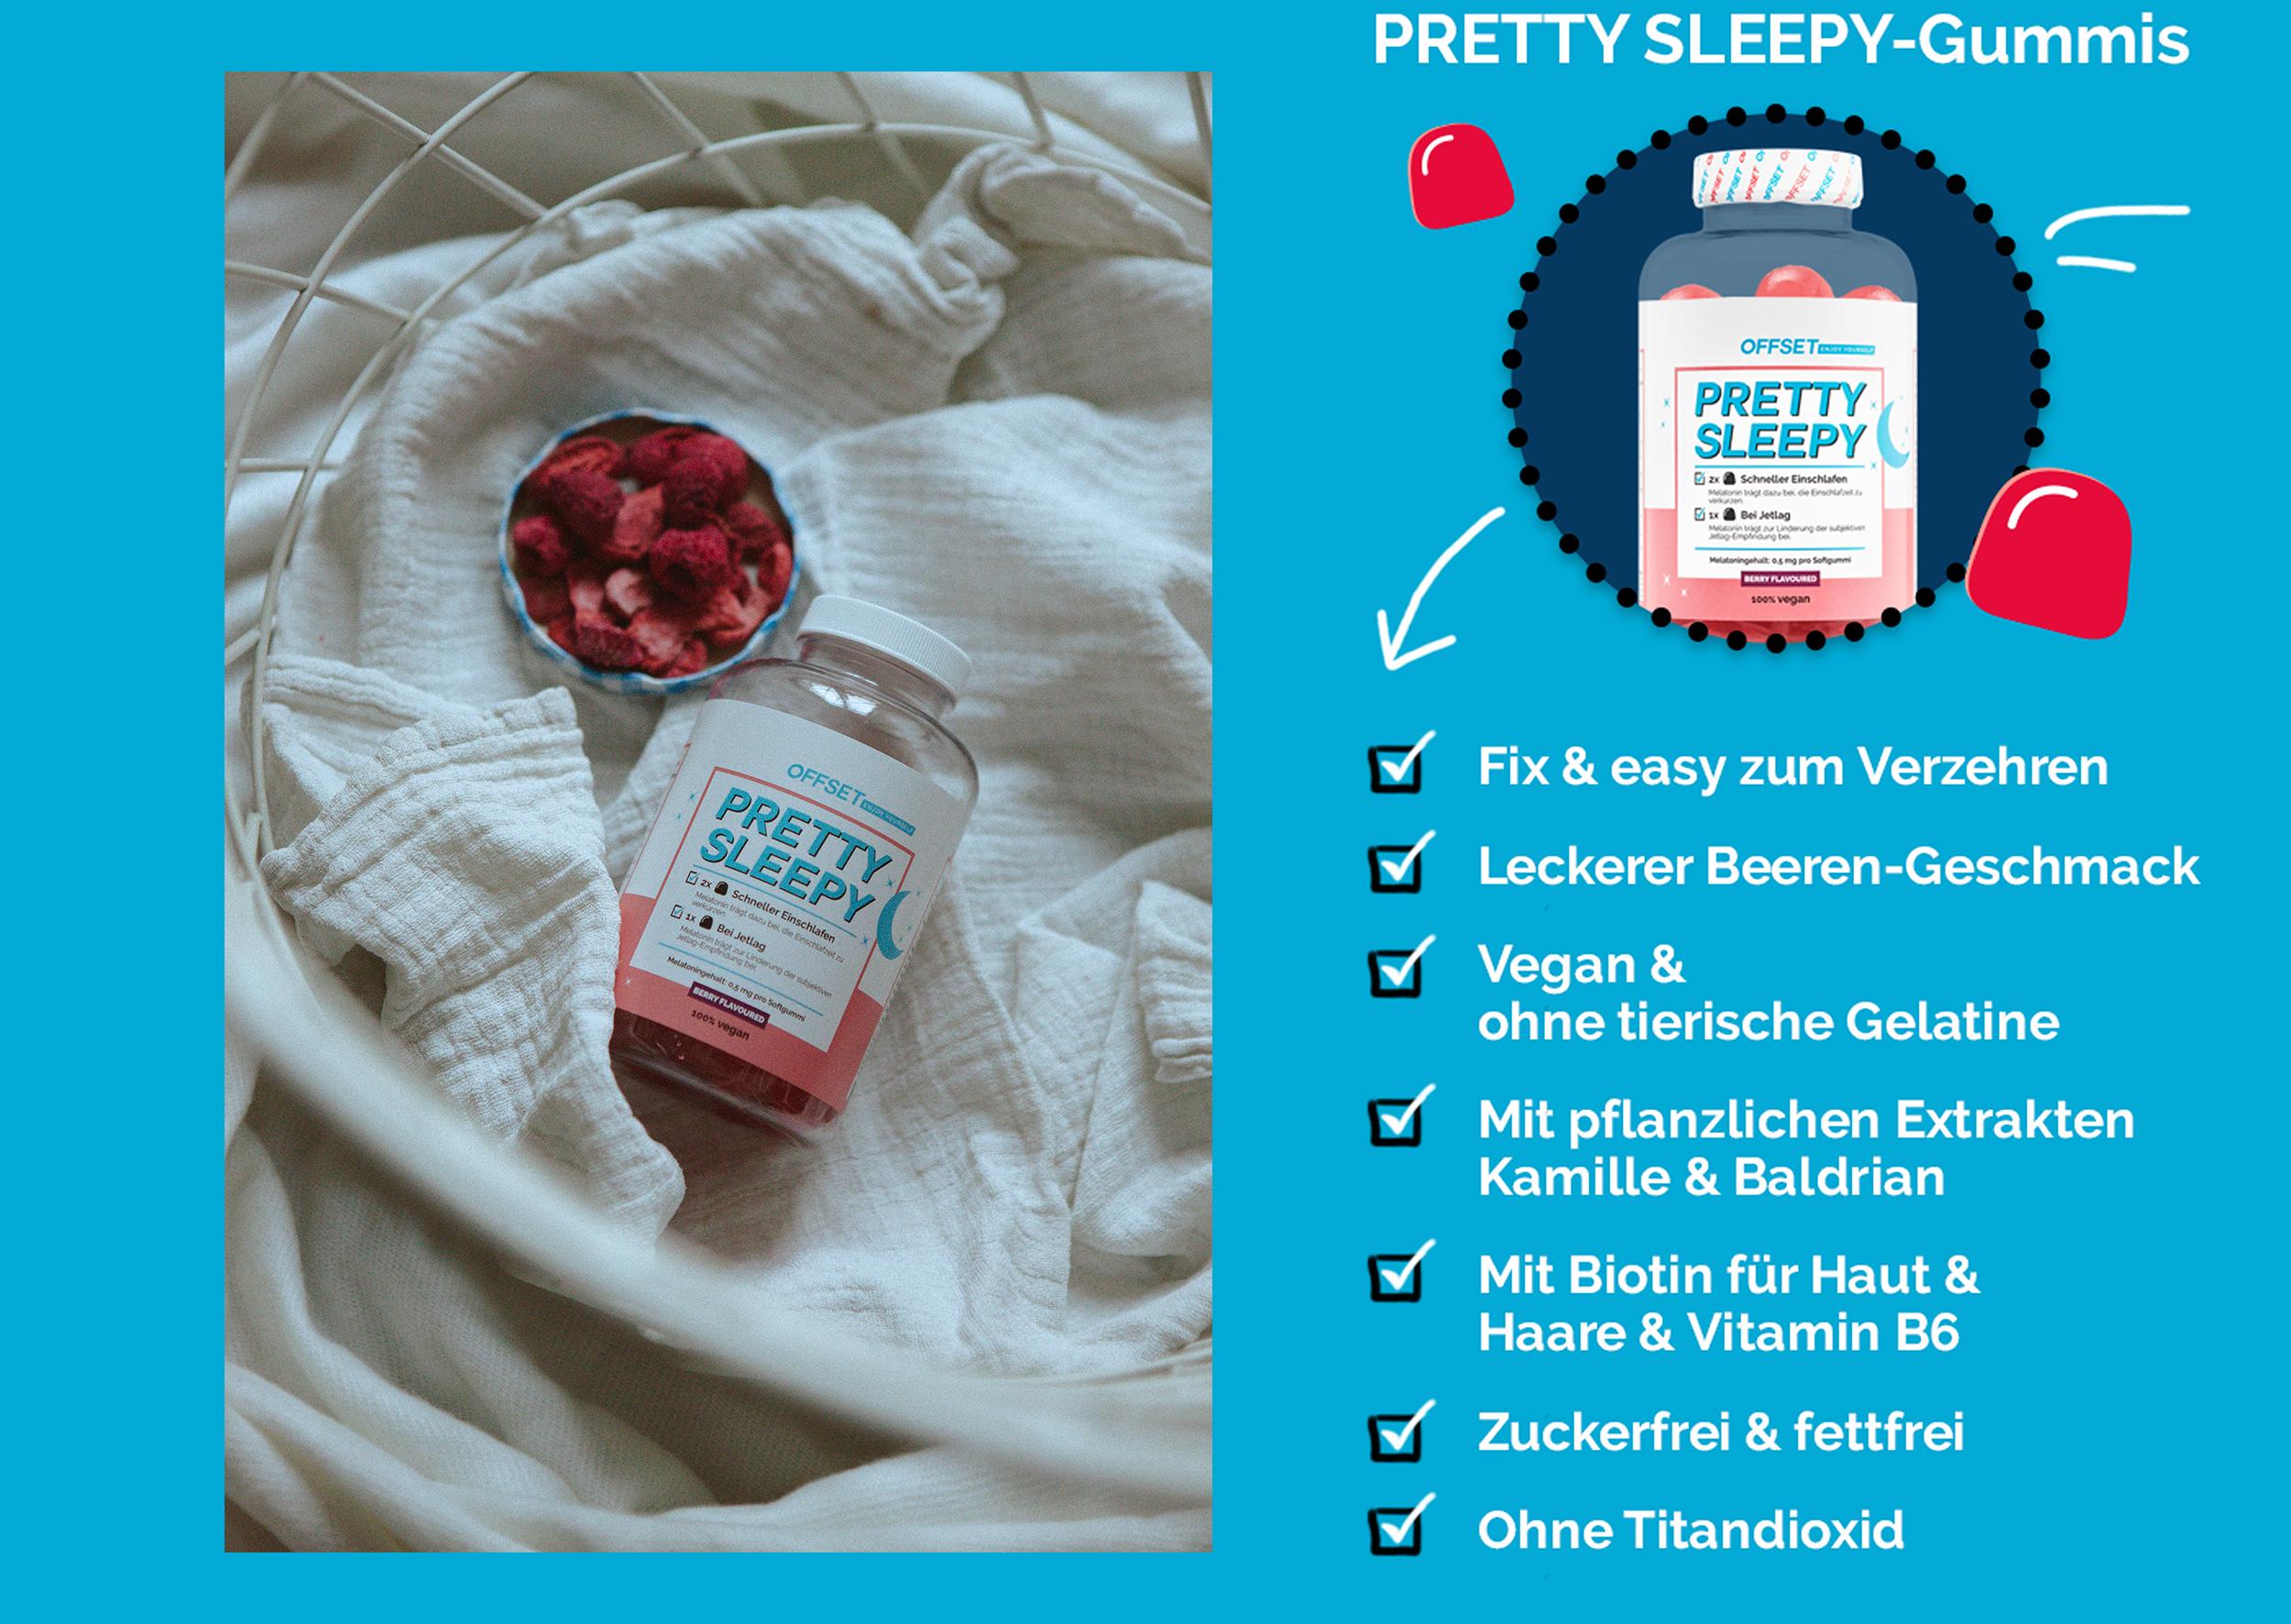 lauralamode-blogger-offset-sleep-prettysleepy-pretty immune-melatonin-schlaf-schlaftipps-schlafhormon-melatonin produktion-melatonin mittel-schlaftricks-einschlafhilfe-einschlafen-tiefschlaf